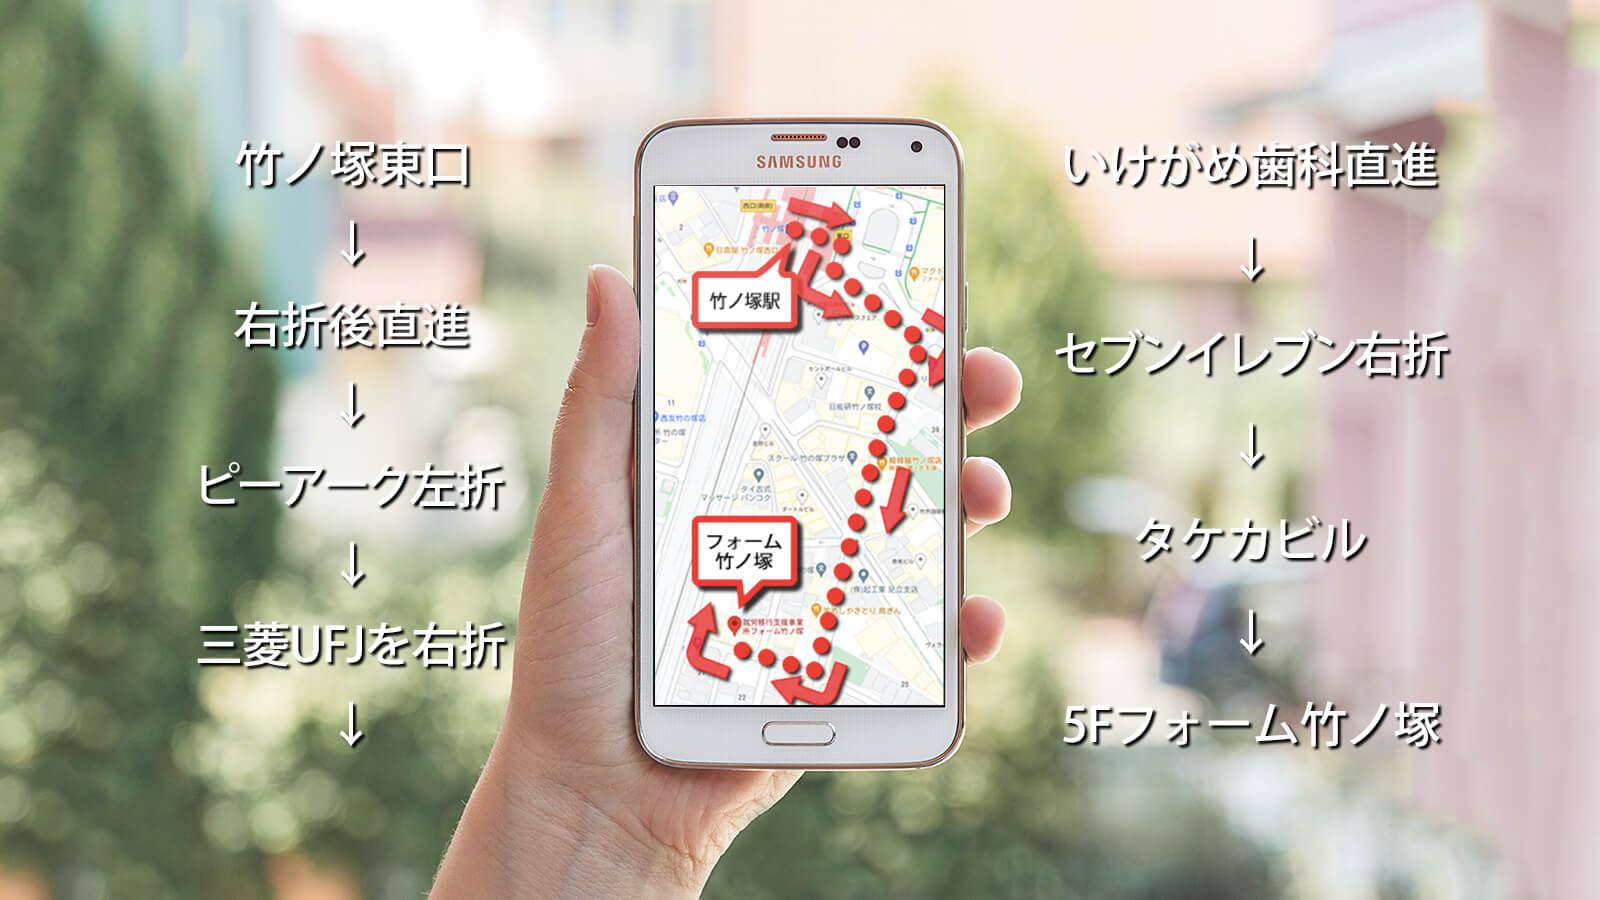 フォーム竹ノ塚への道順概要画像